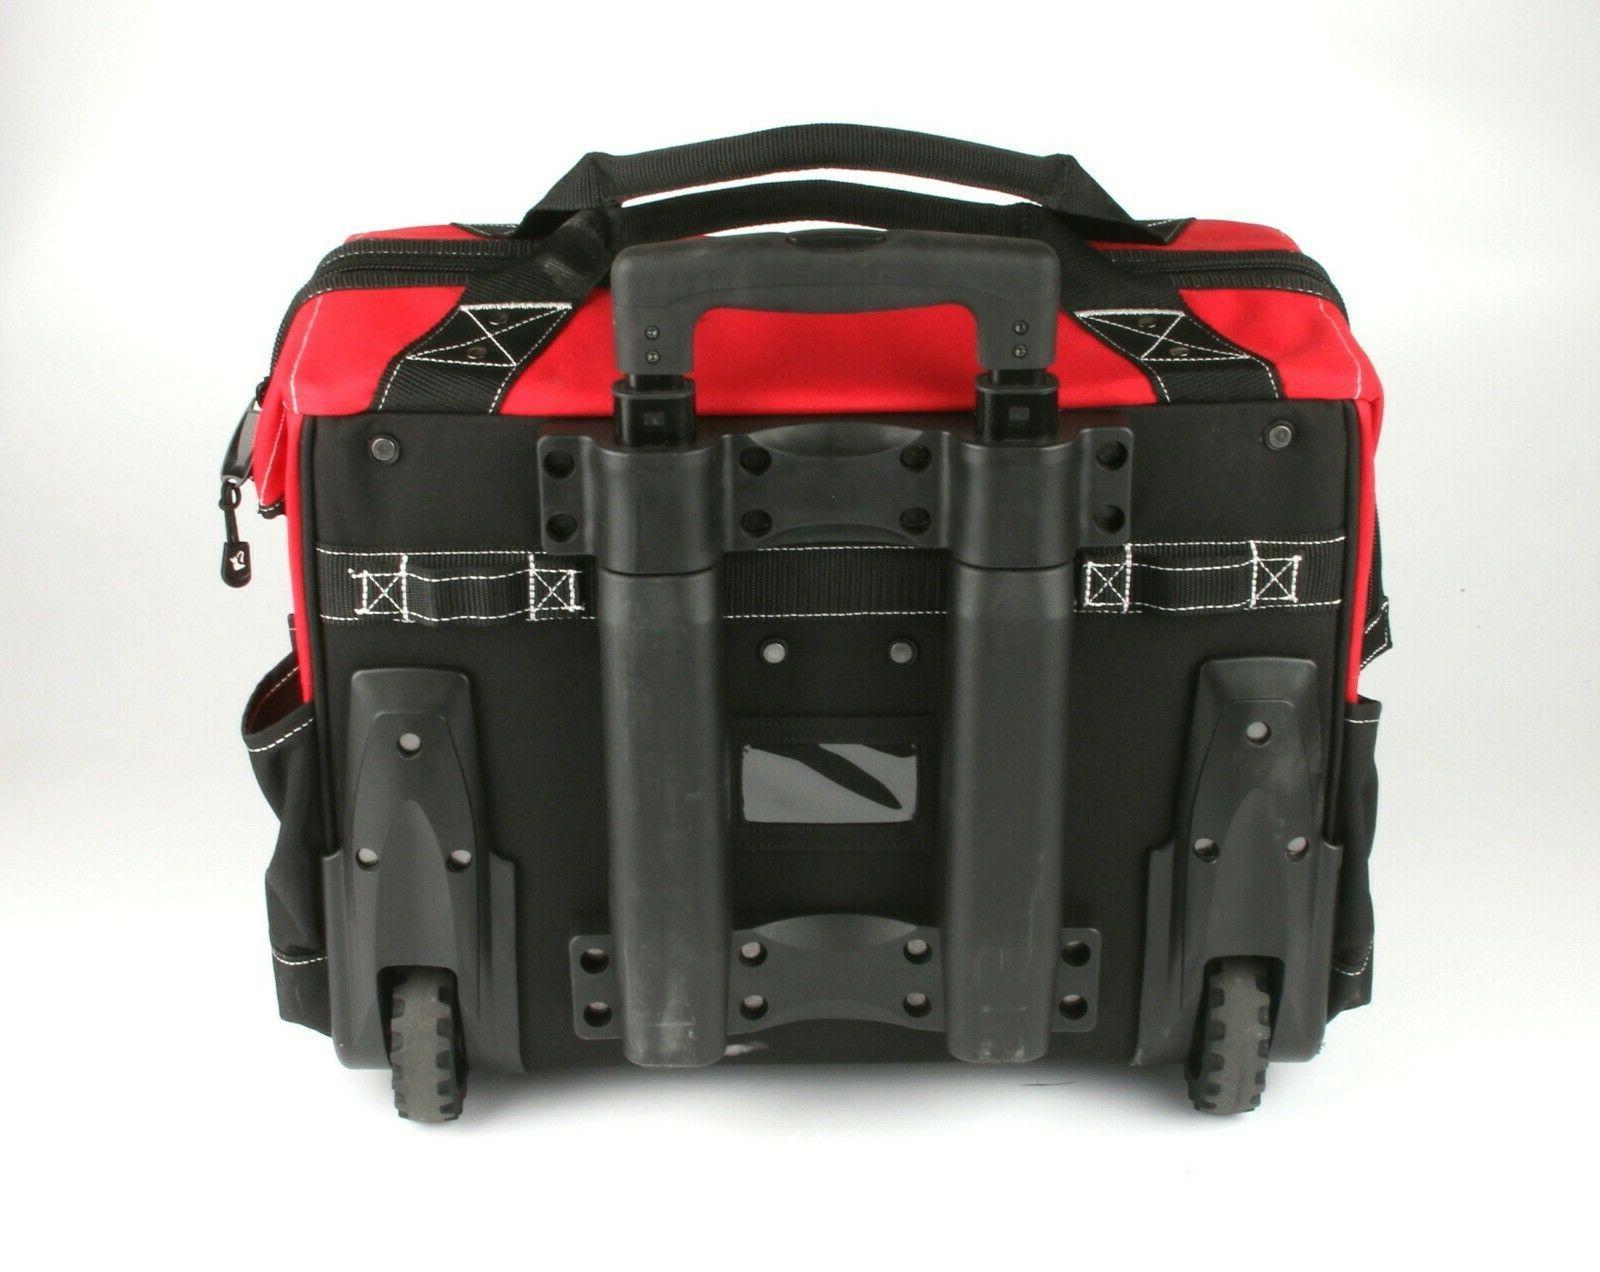 *HUSKY 18 Tool Tote Bag Telescopic